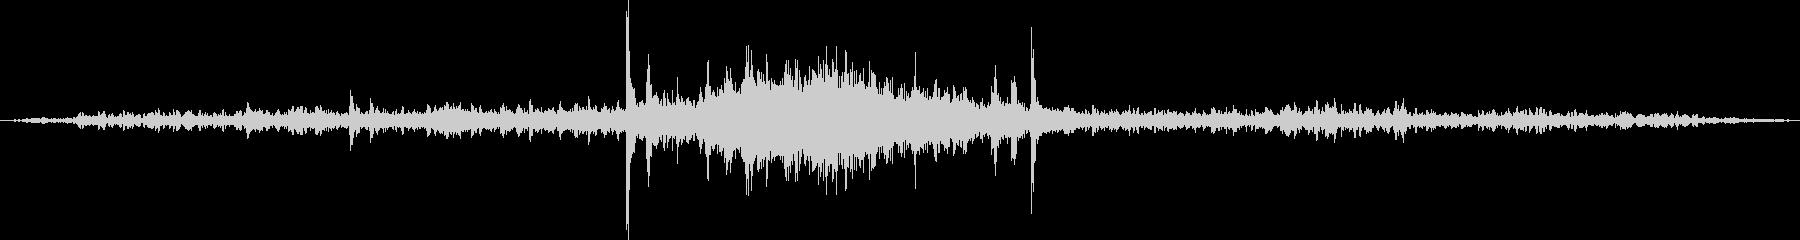 ディーゼル機関車の通過音の未再生の波形